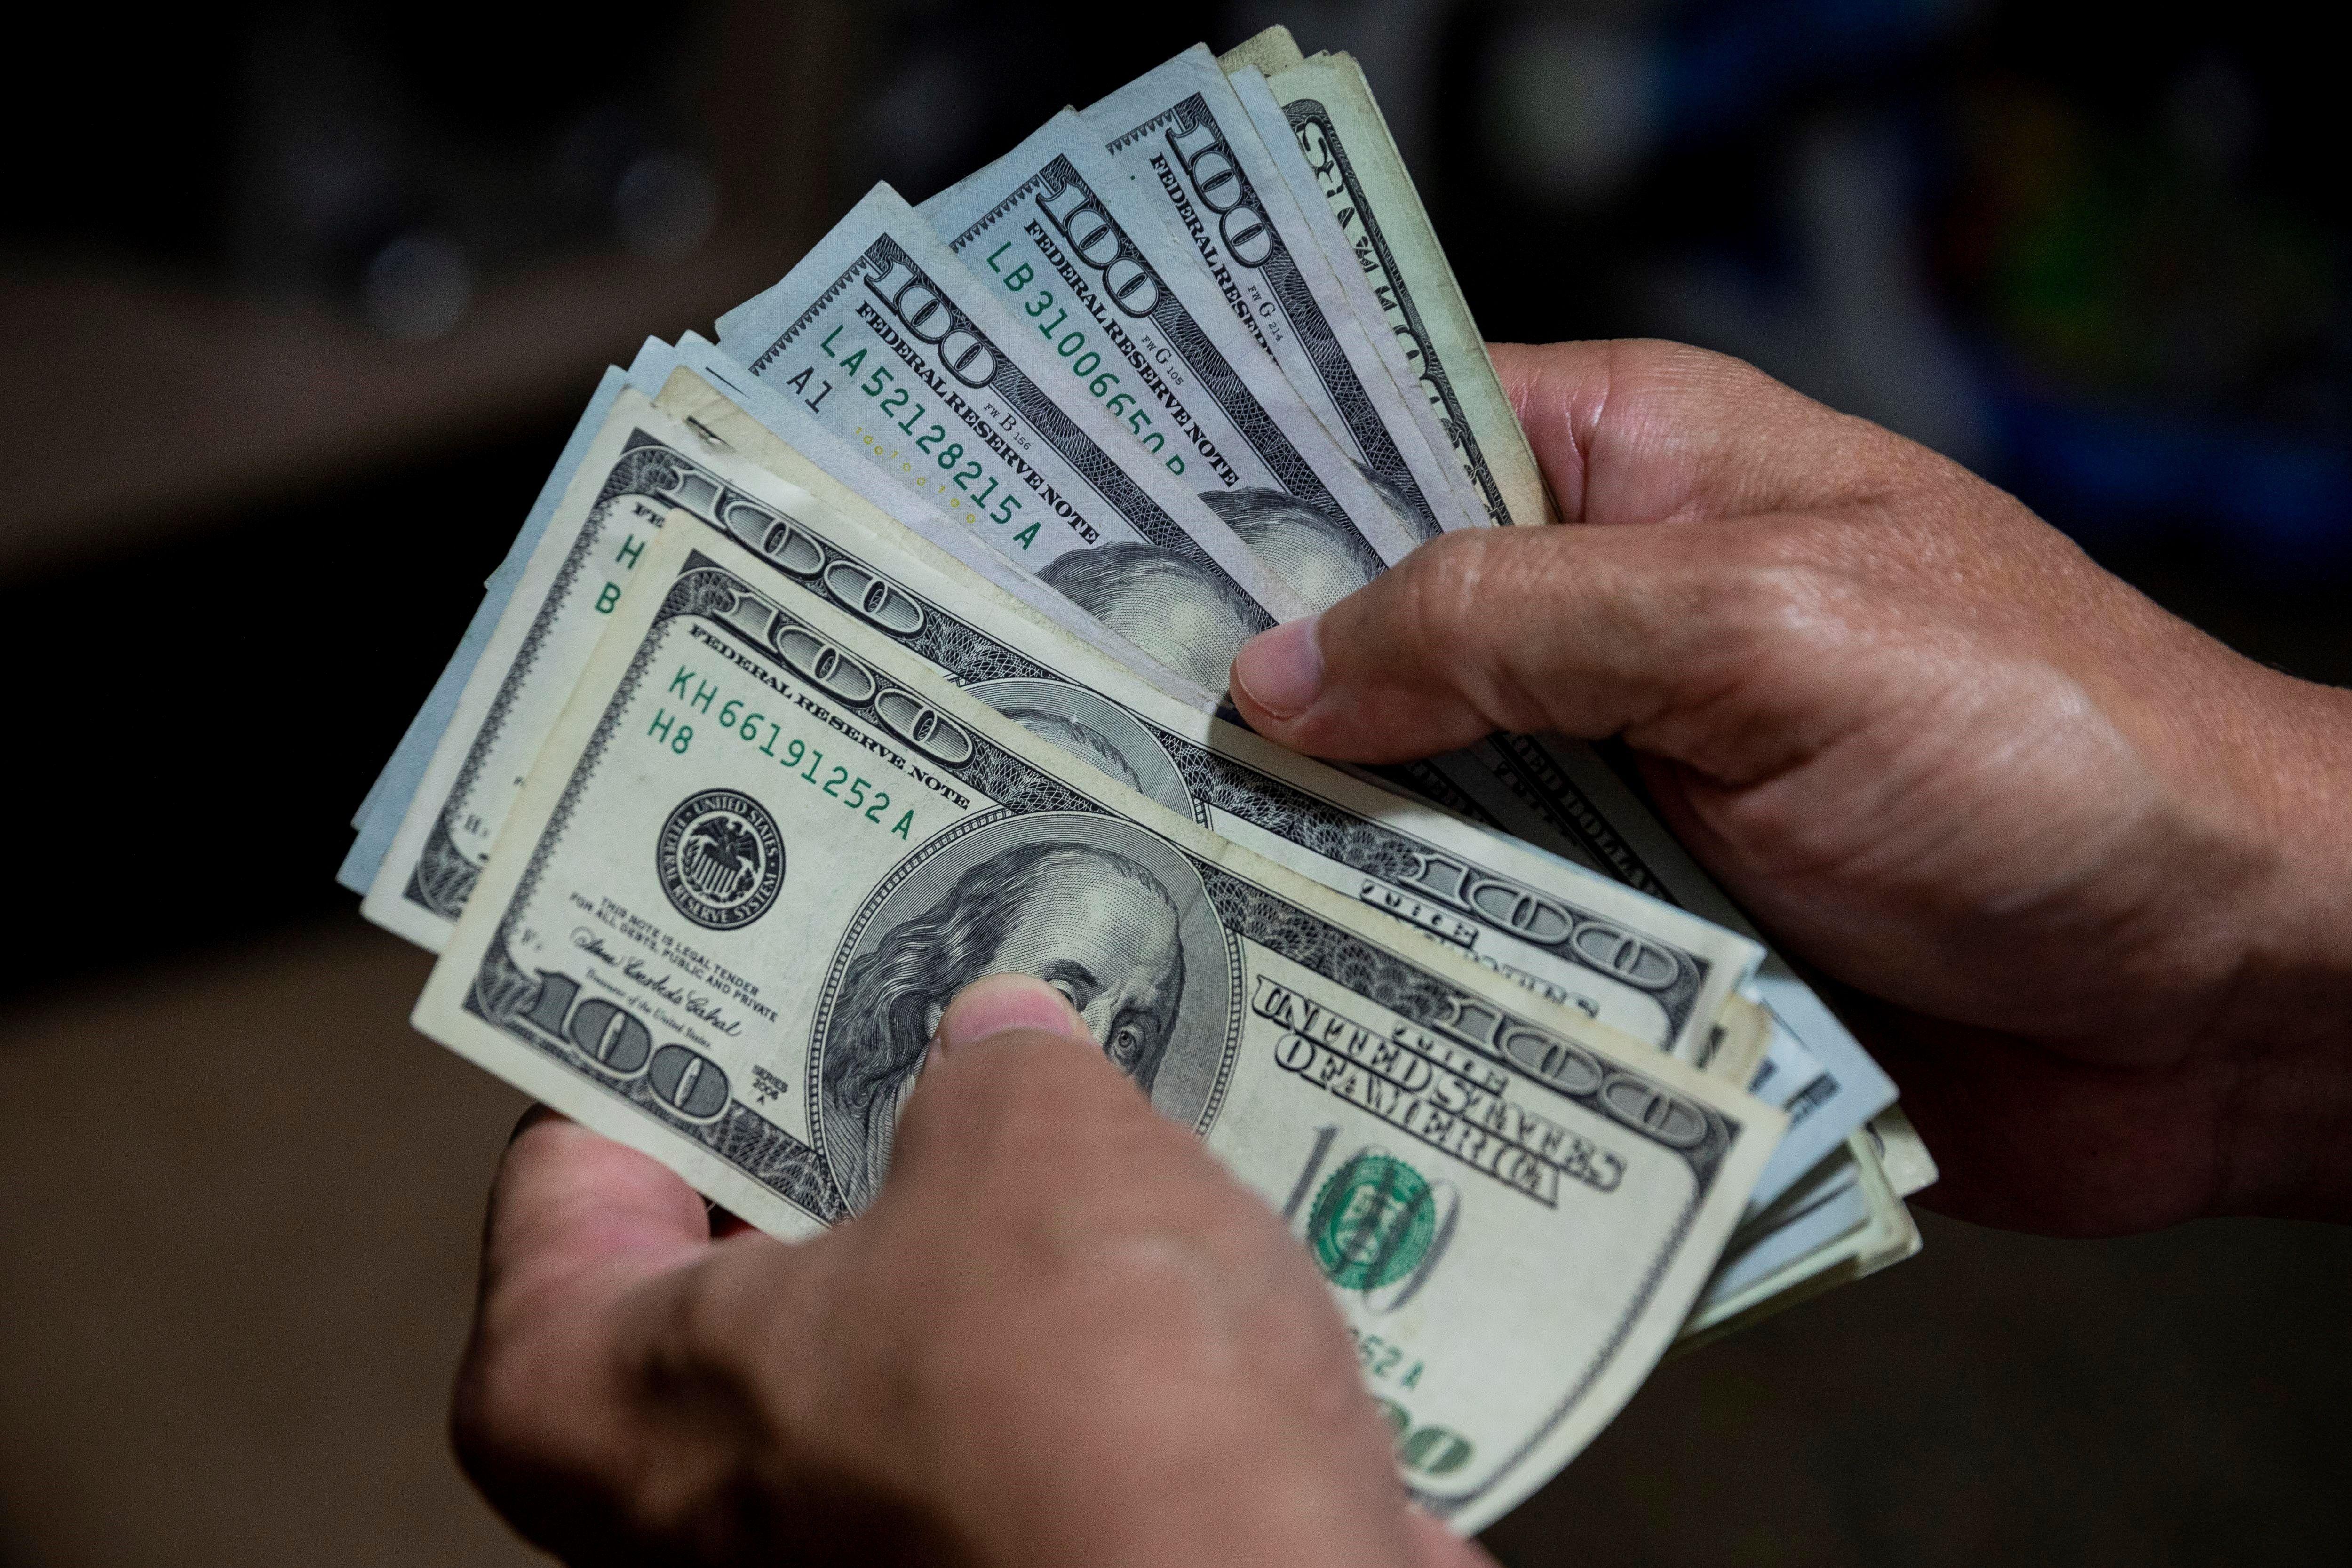 No se necesita crédito en dólares ni en divisas porque todos son recursos internos, domésticos, que están disponibles en el territorio nacional. No requieren importaciones (EFE)